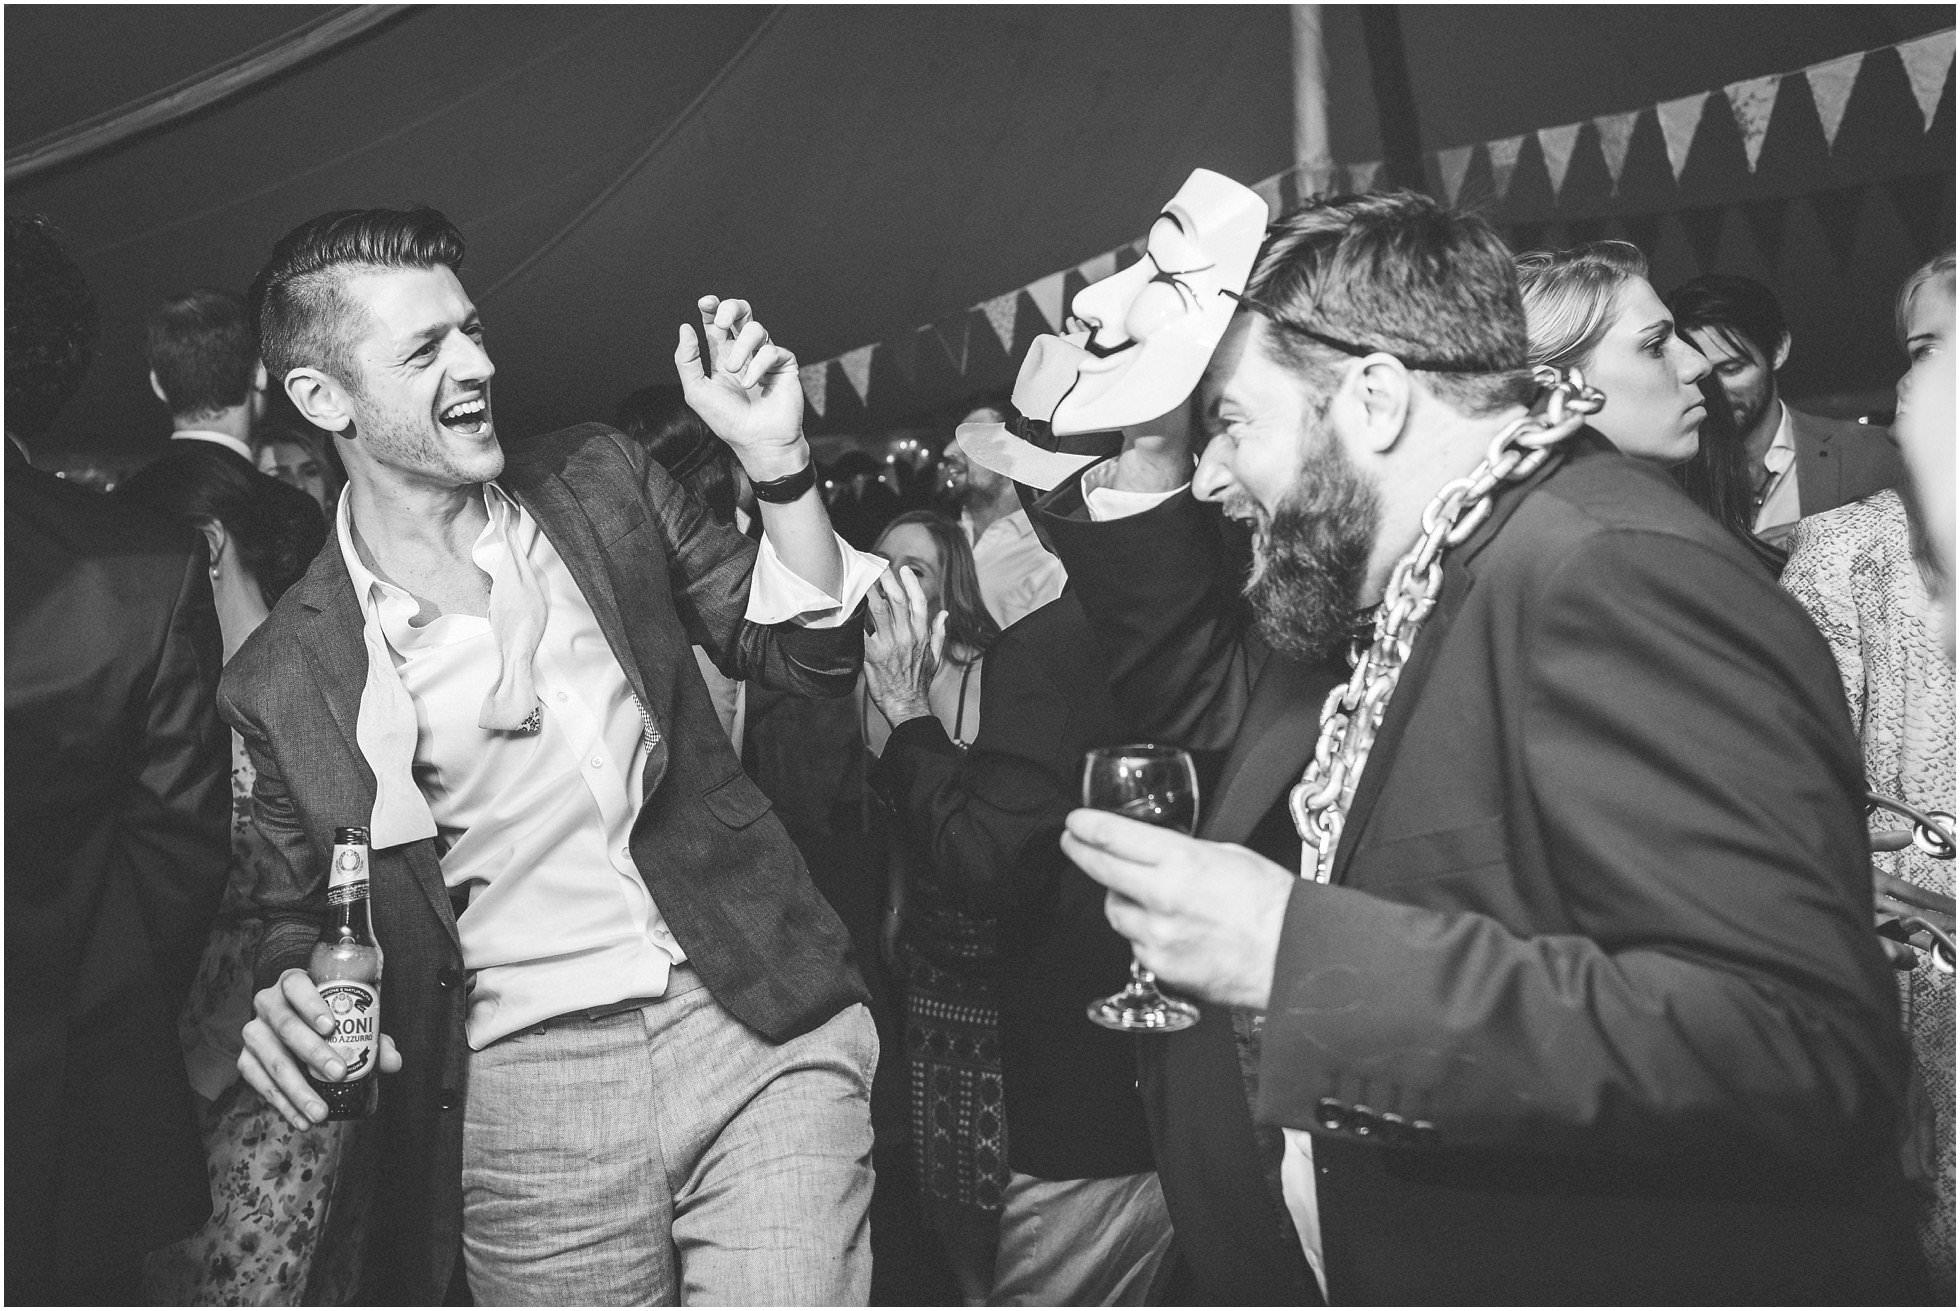 Crazy party wedding fun!